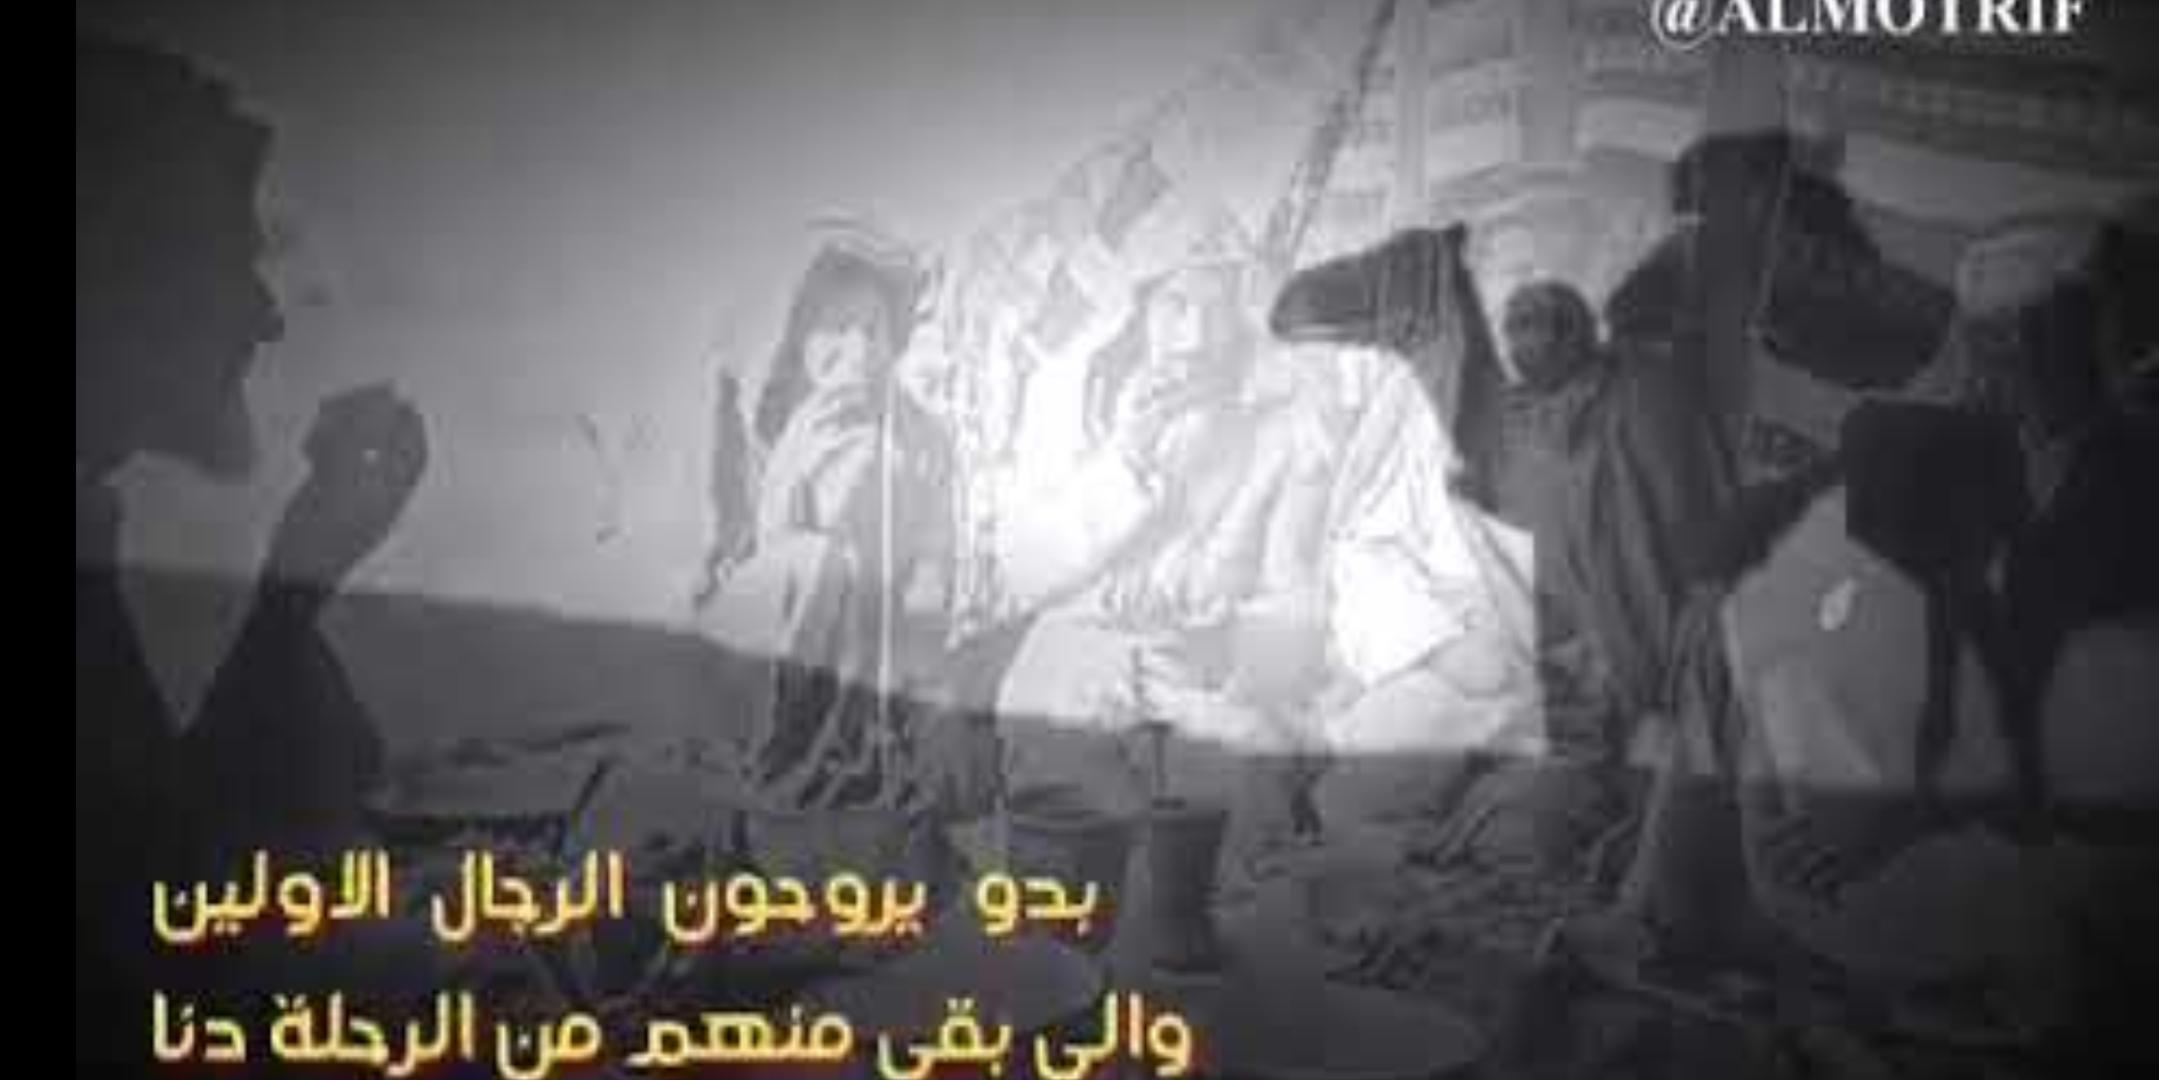 فيديو | الرجال الأولين.. قصيدة للشاعر نايف أبا العون